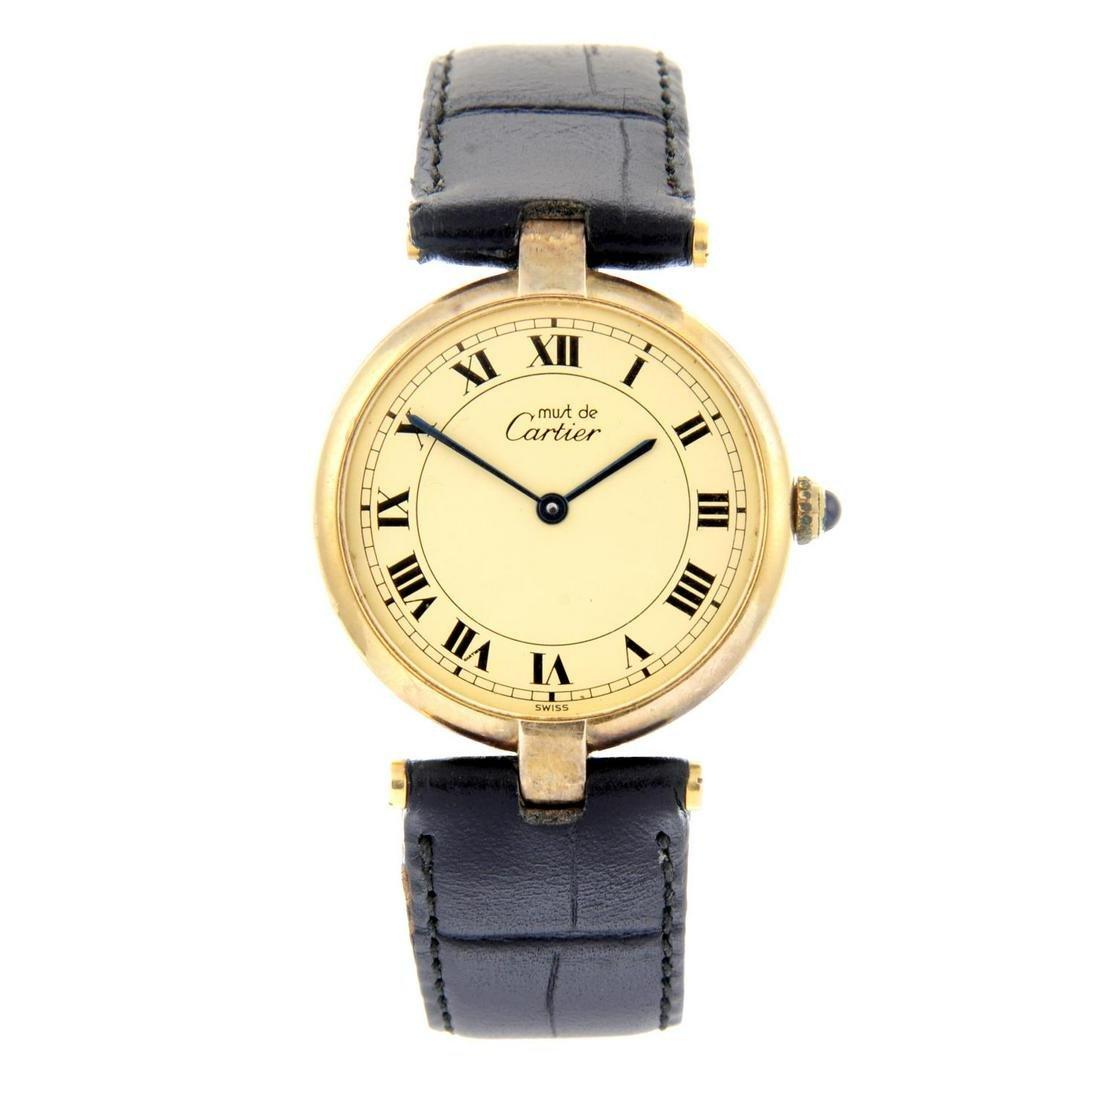 CARTIER - a Must De Cartier wrist watch. Gold plated